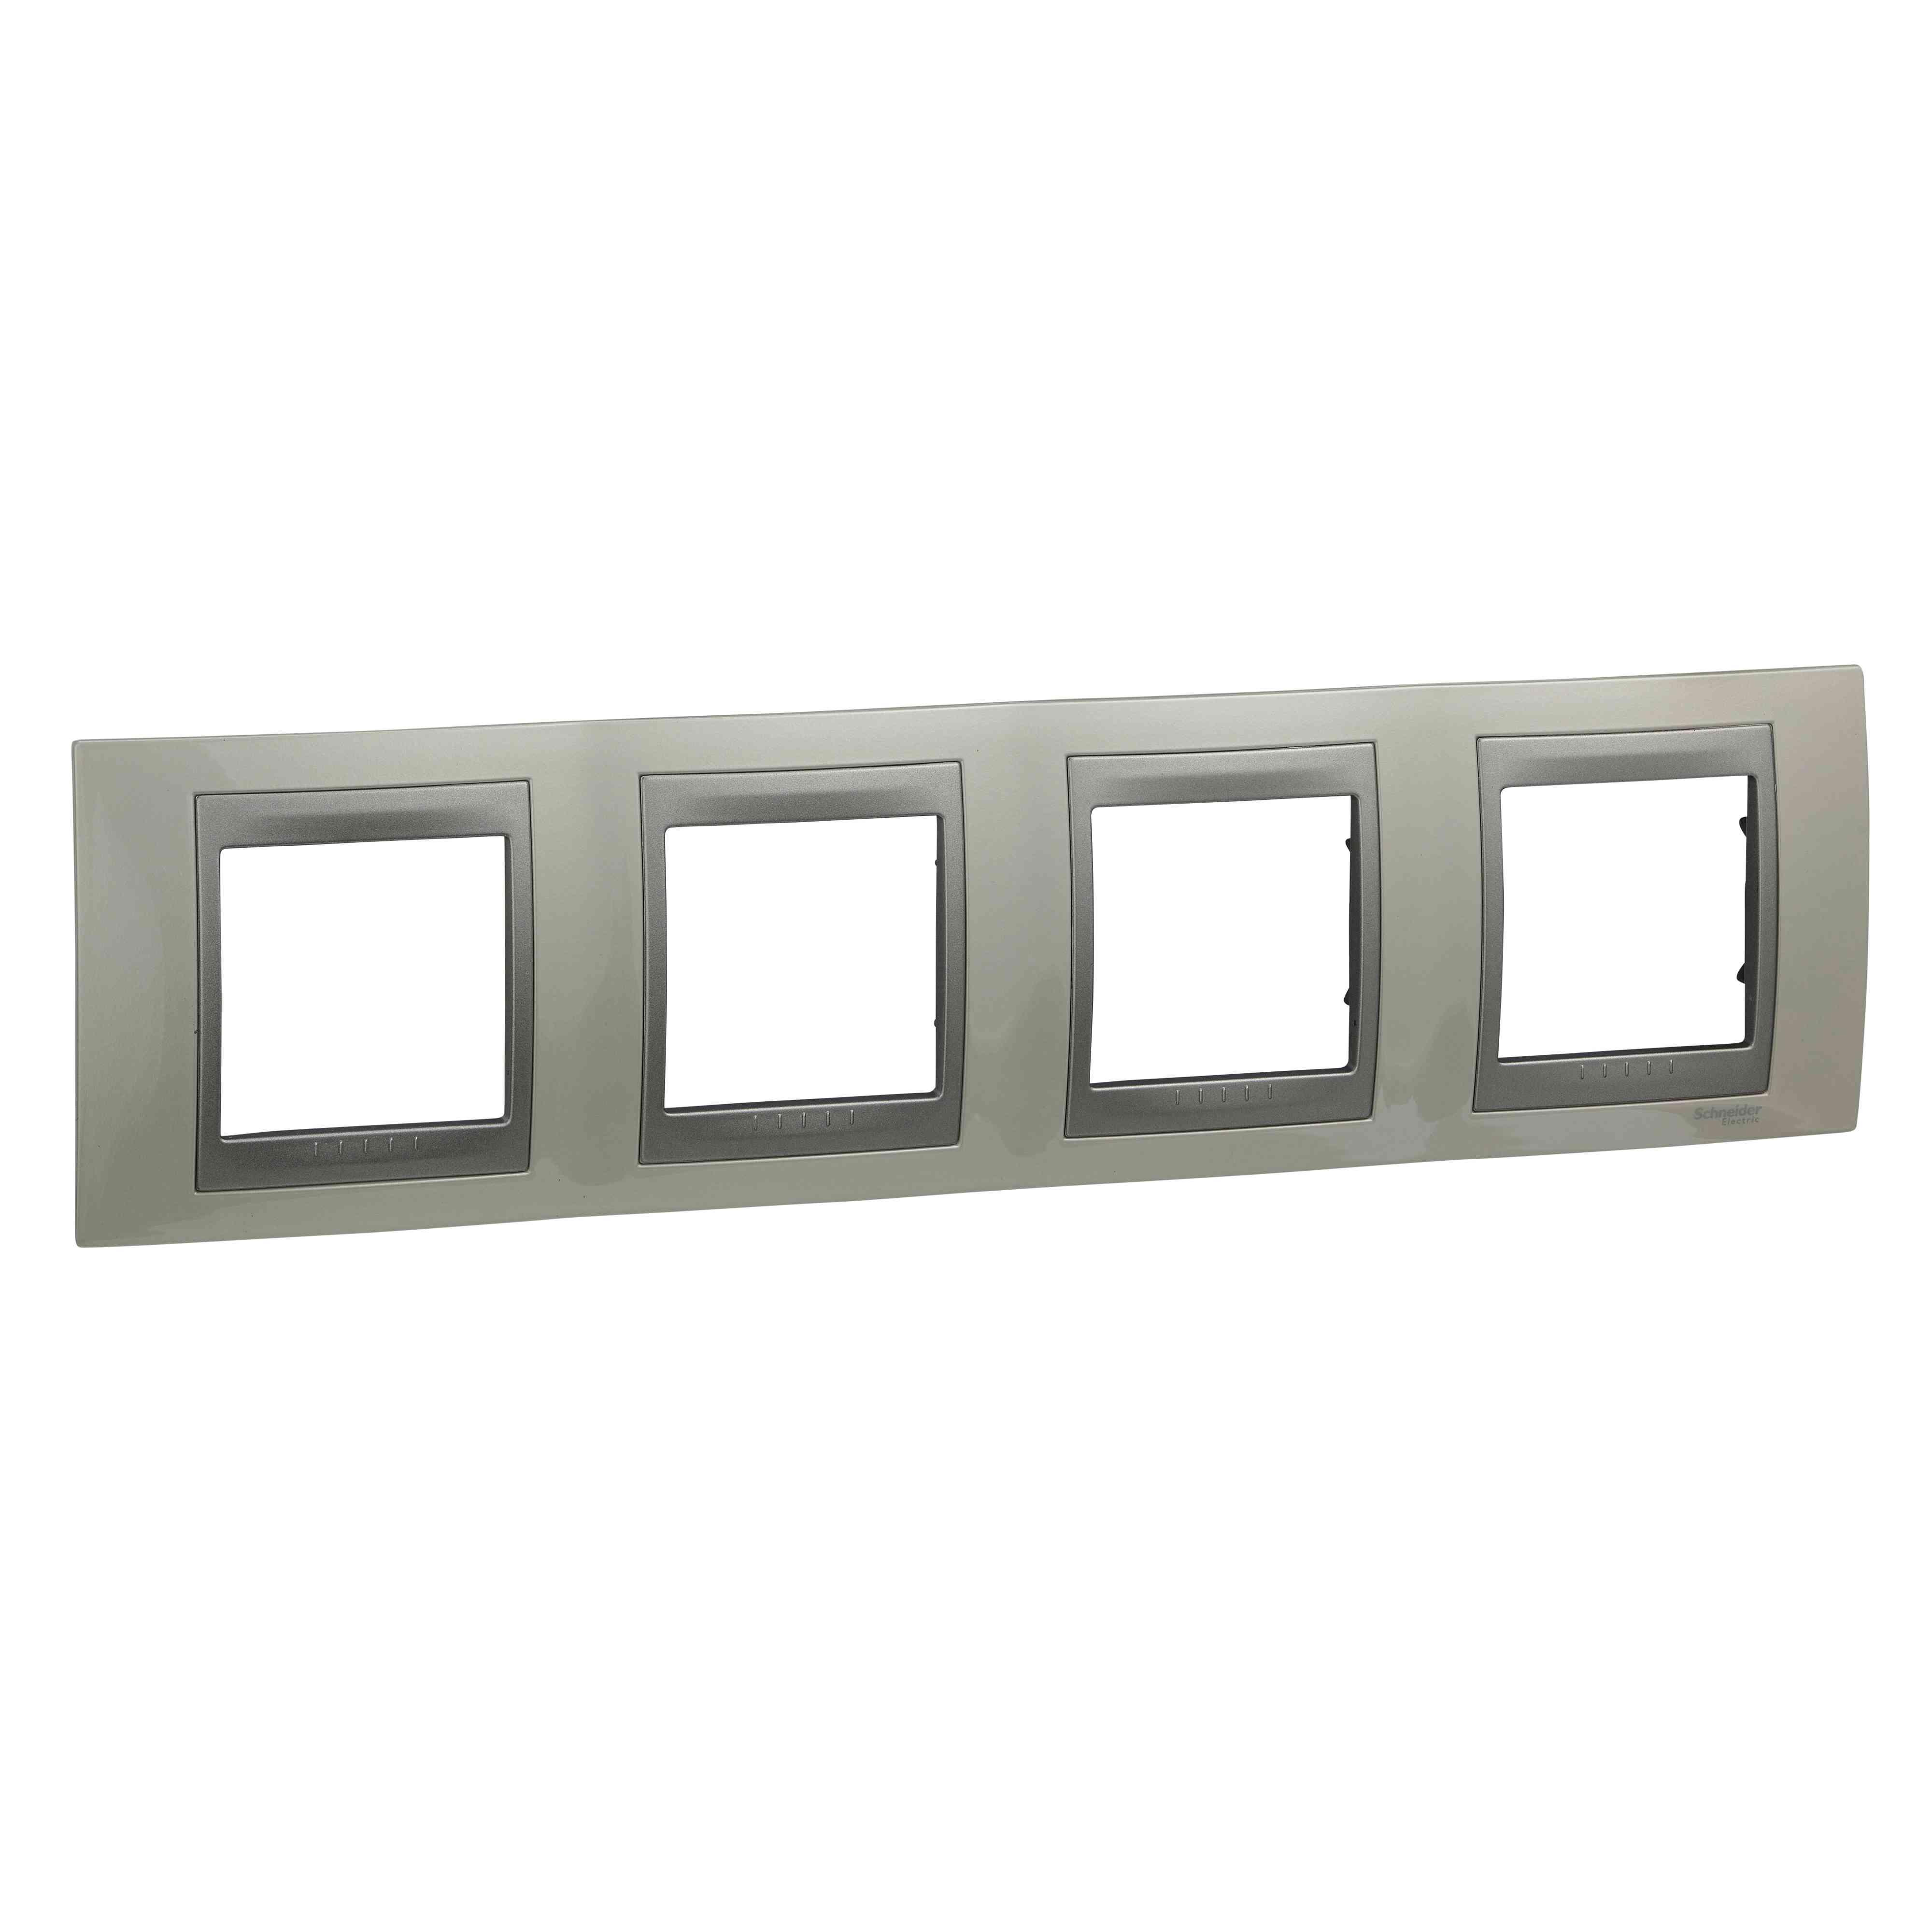 Unica Top - dekorativni okvir - 4 odprtine, H71 - bel/b. aluminija